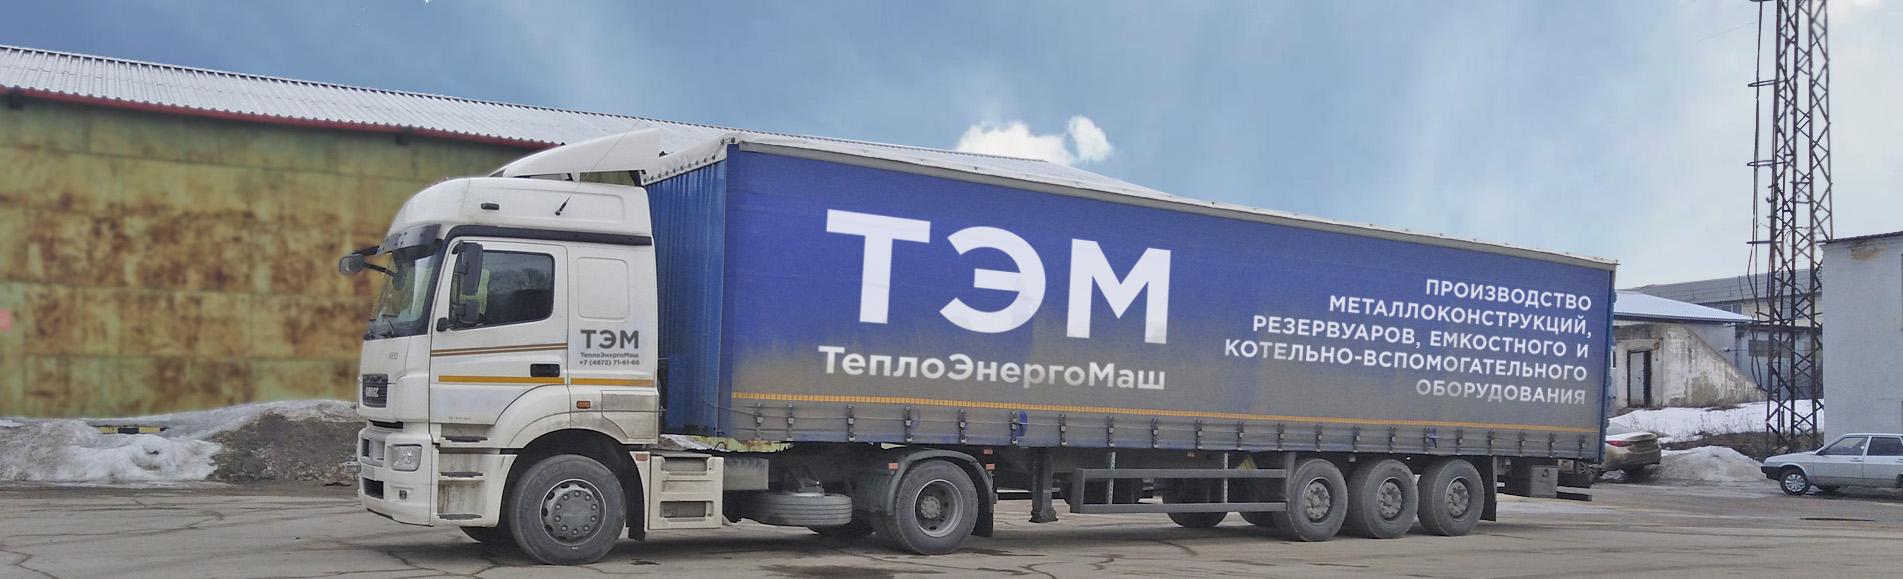 Доставка собственным транспортом ПФ ТЭМ